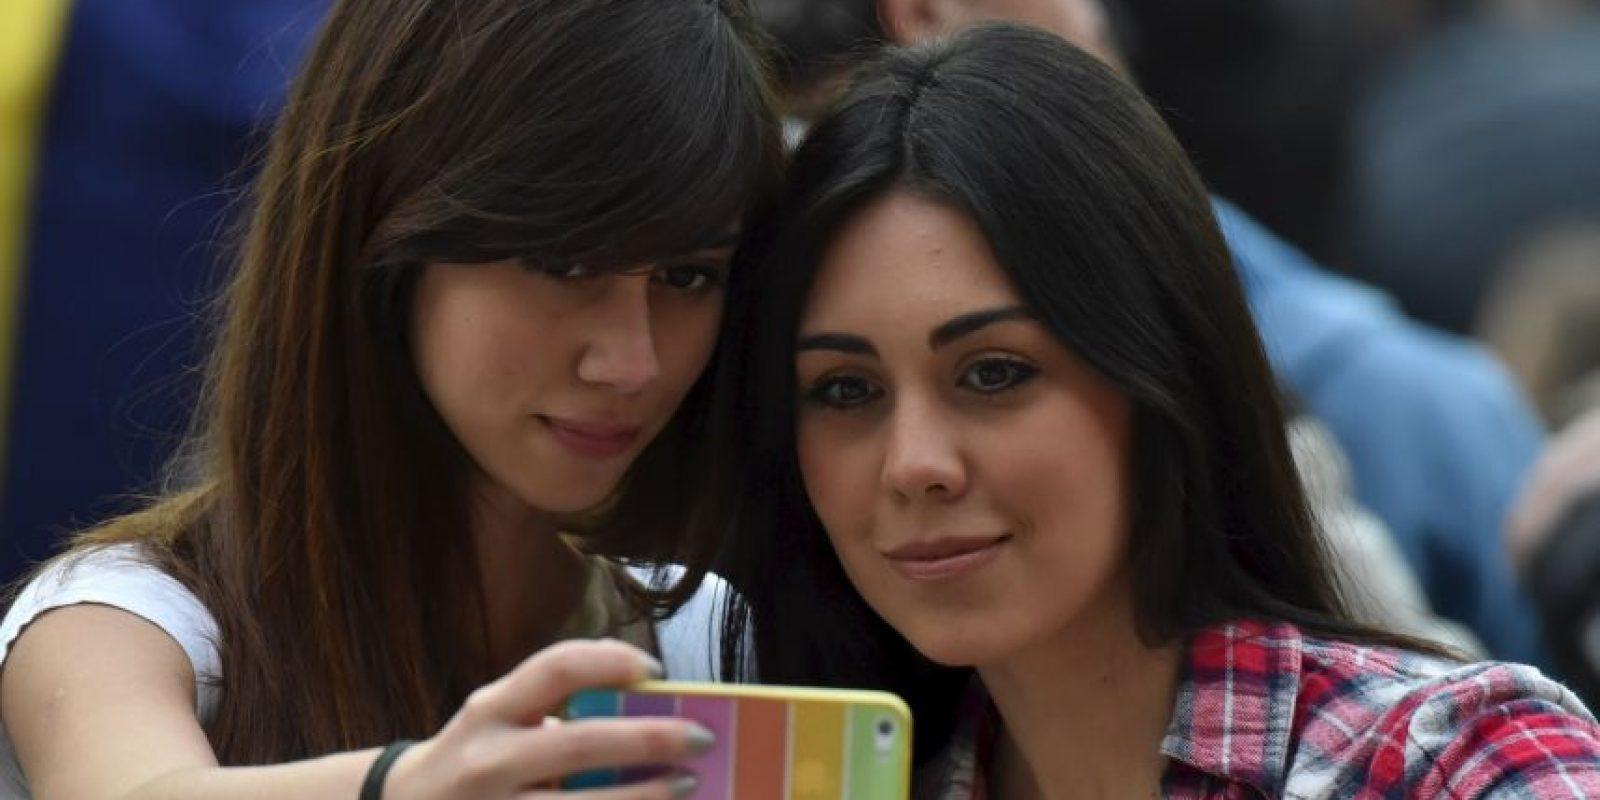 Ellas se tomaron un selfie durante el partido Brasil vs. Venezuela Foto:AFP